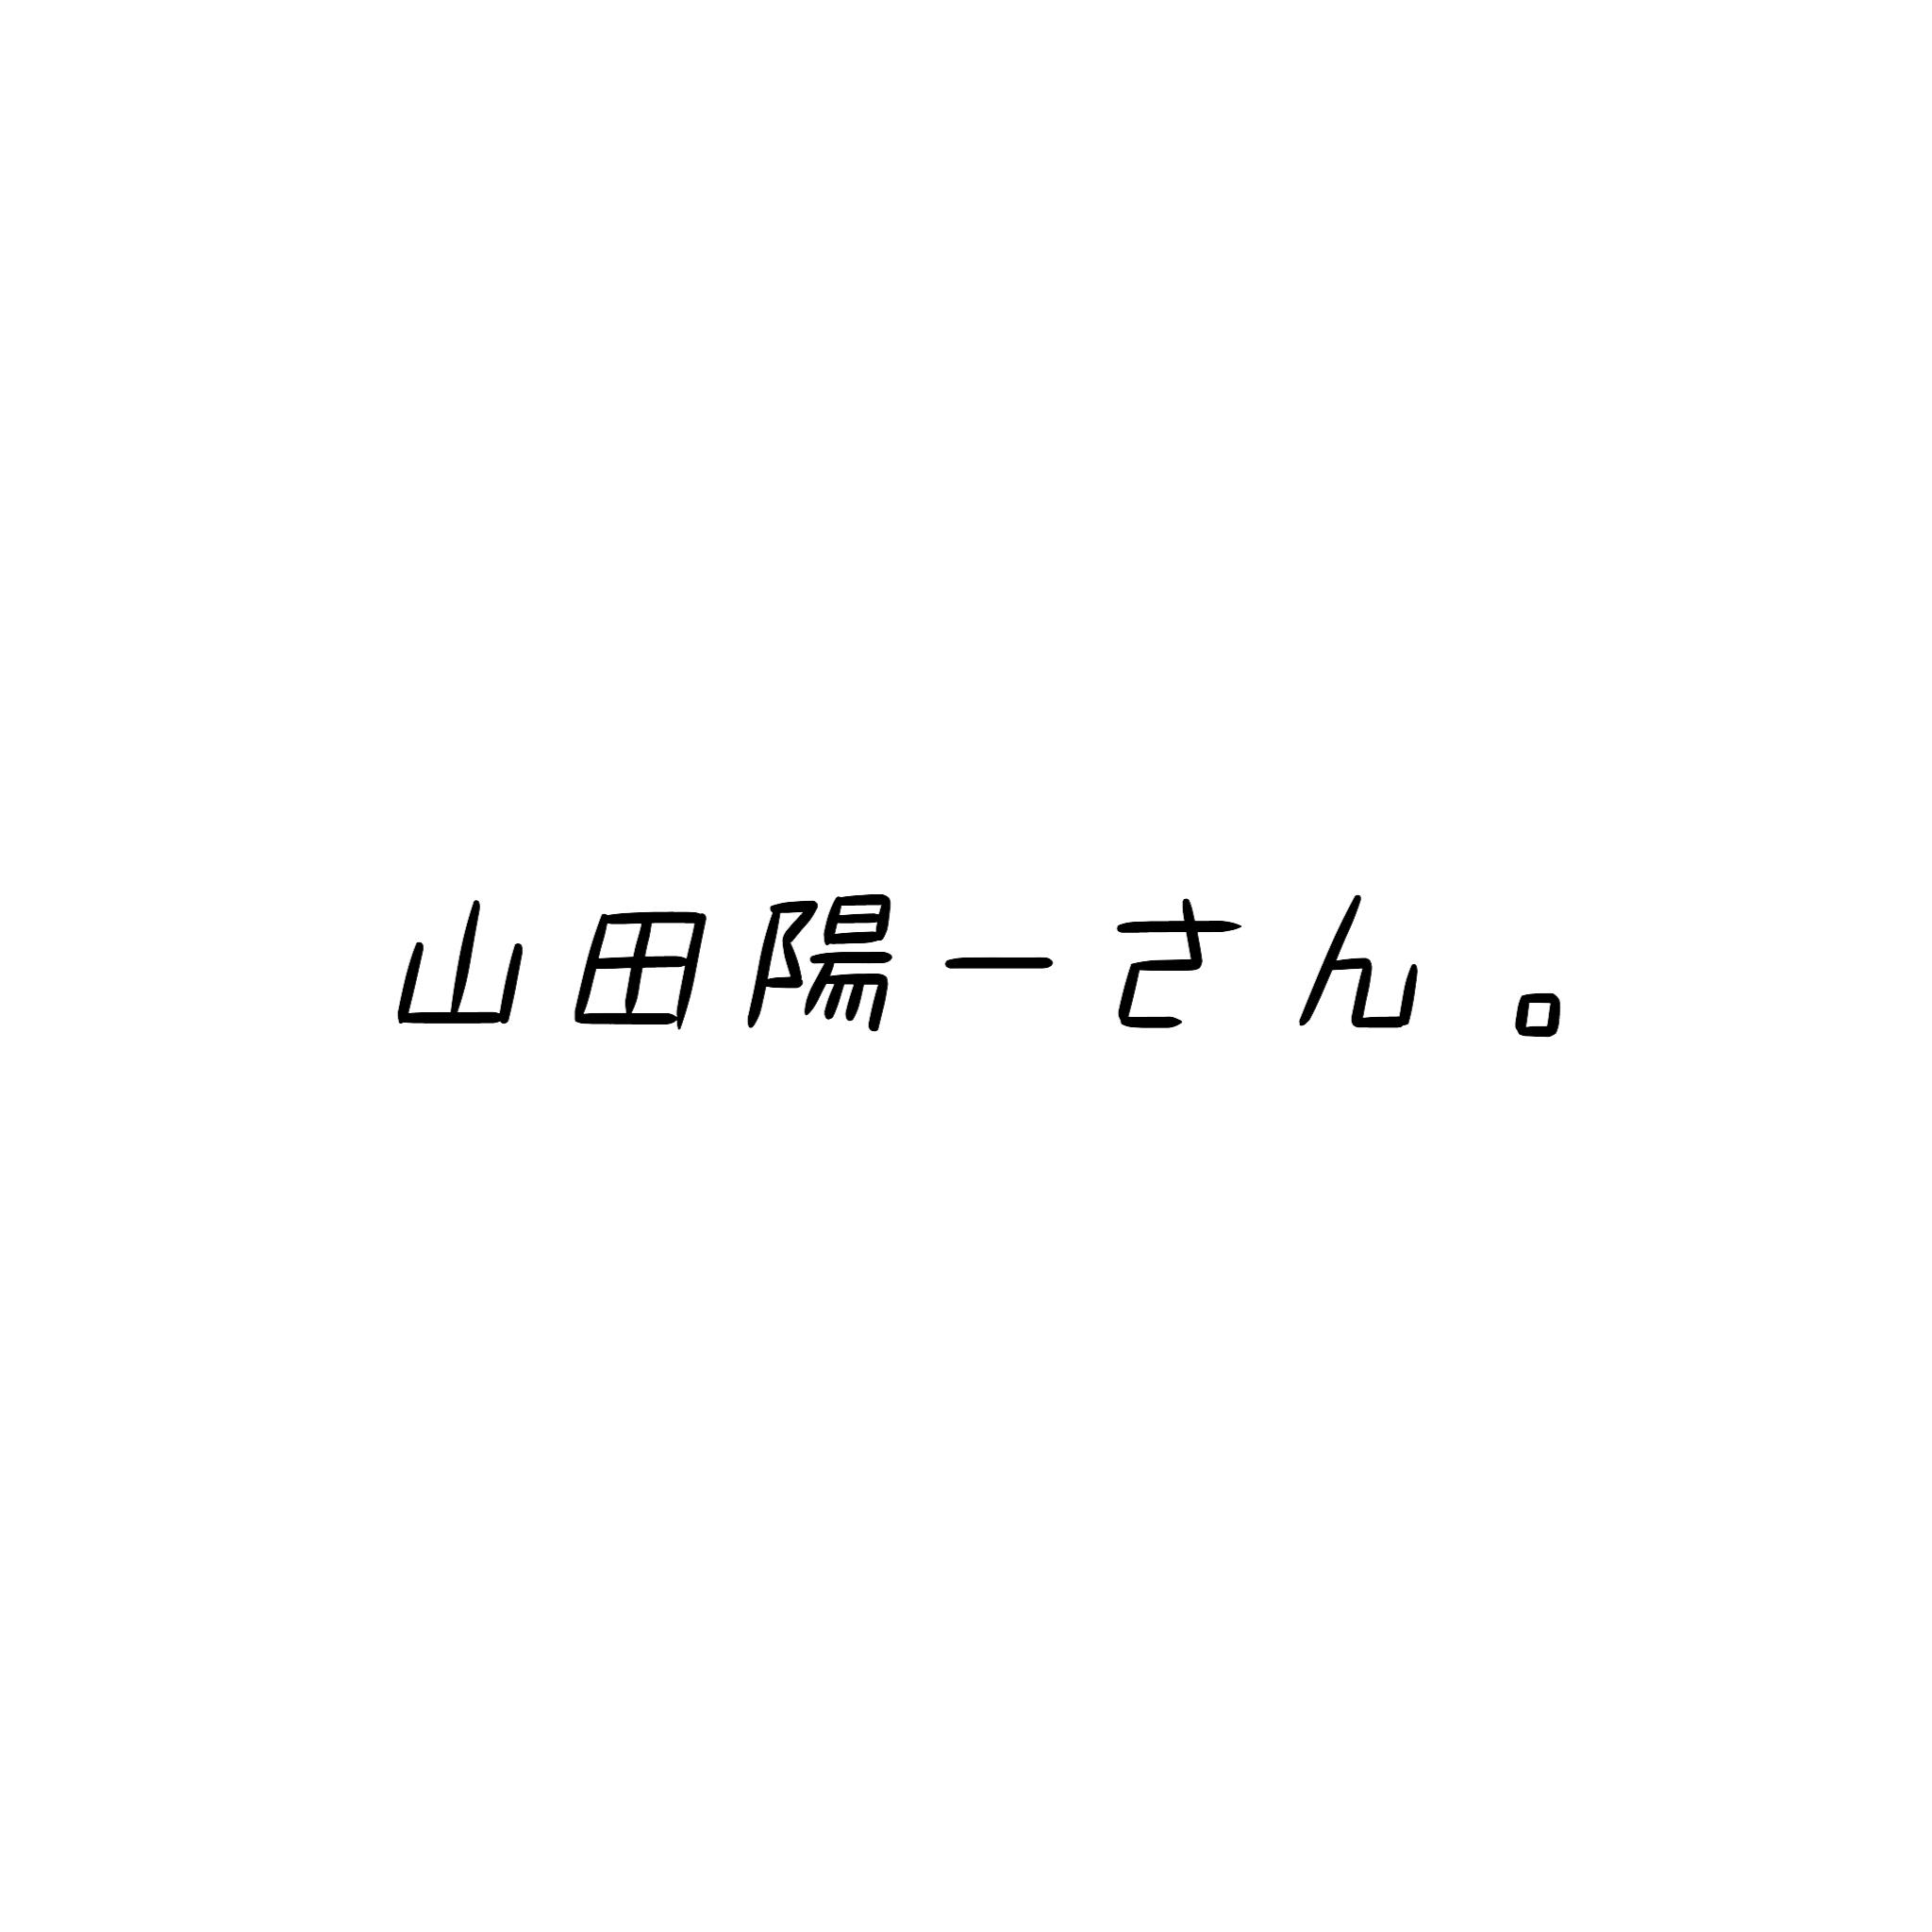 山田陽一さんについて。